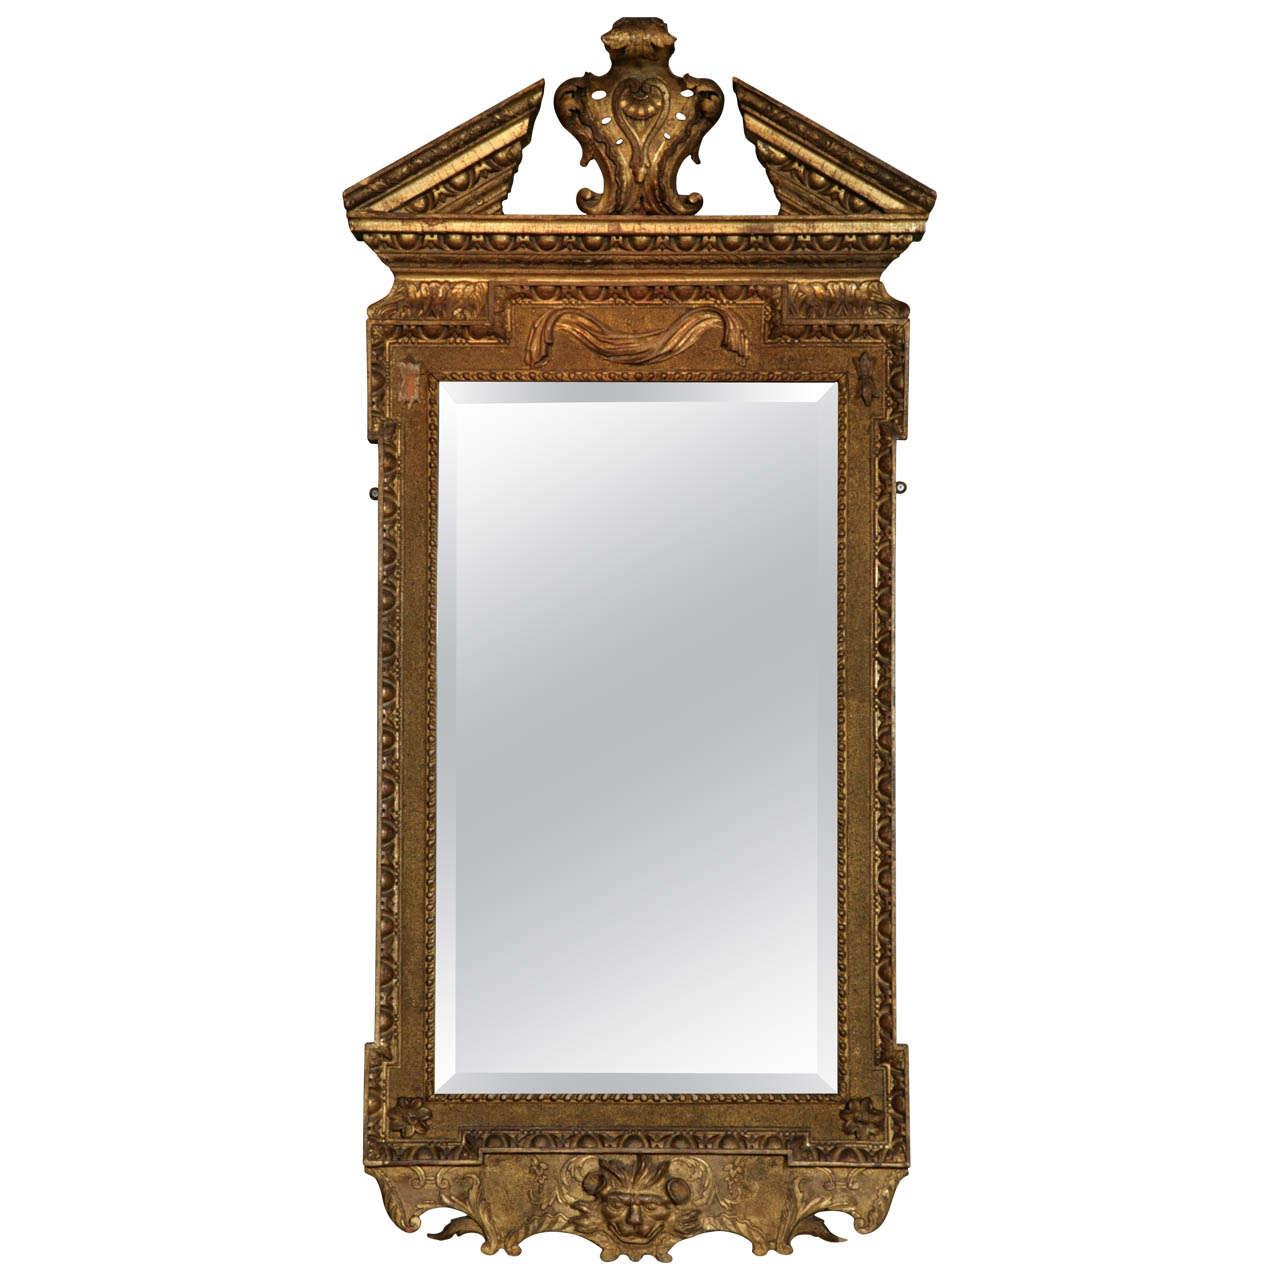 A George II Giltwood Pier Mirror